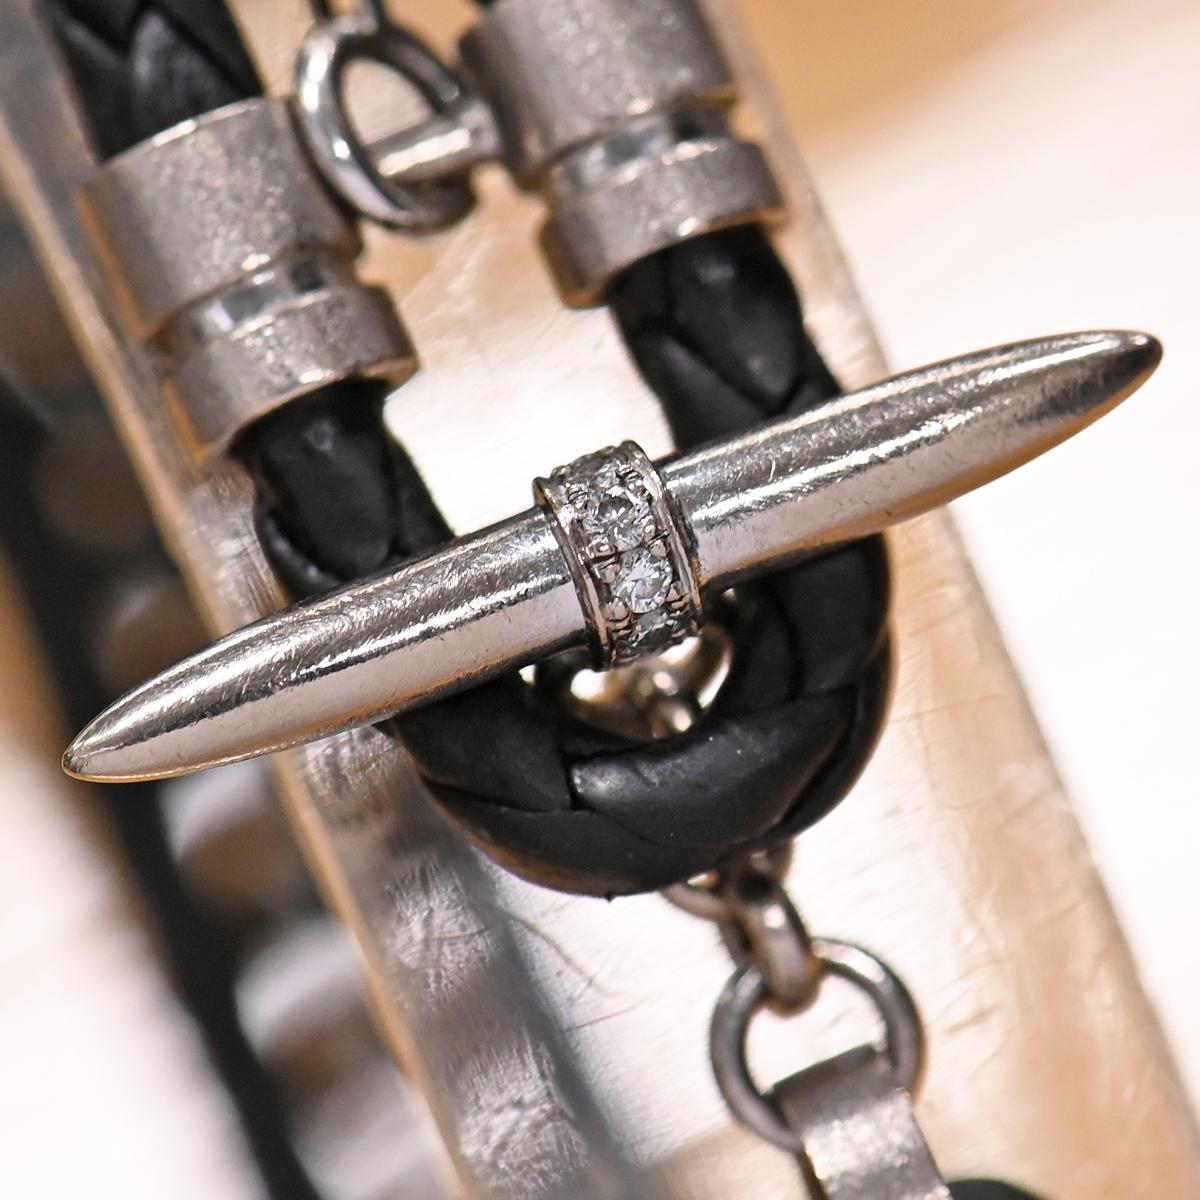 本物 美品 イーノス K18WG ダイヤモンド Felix イントレチャートレザー ヘマタイト ブレスレット 18.5cm メンズジュエリー E-NO'S_画像3